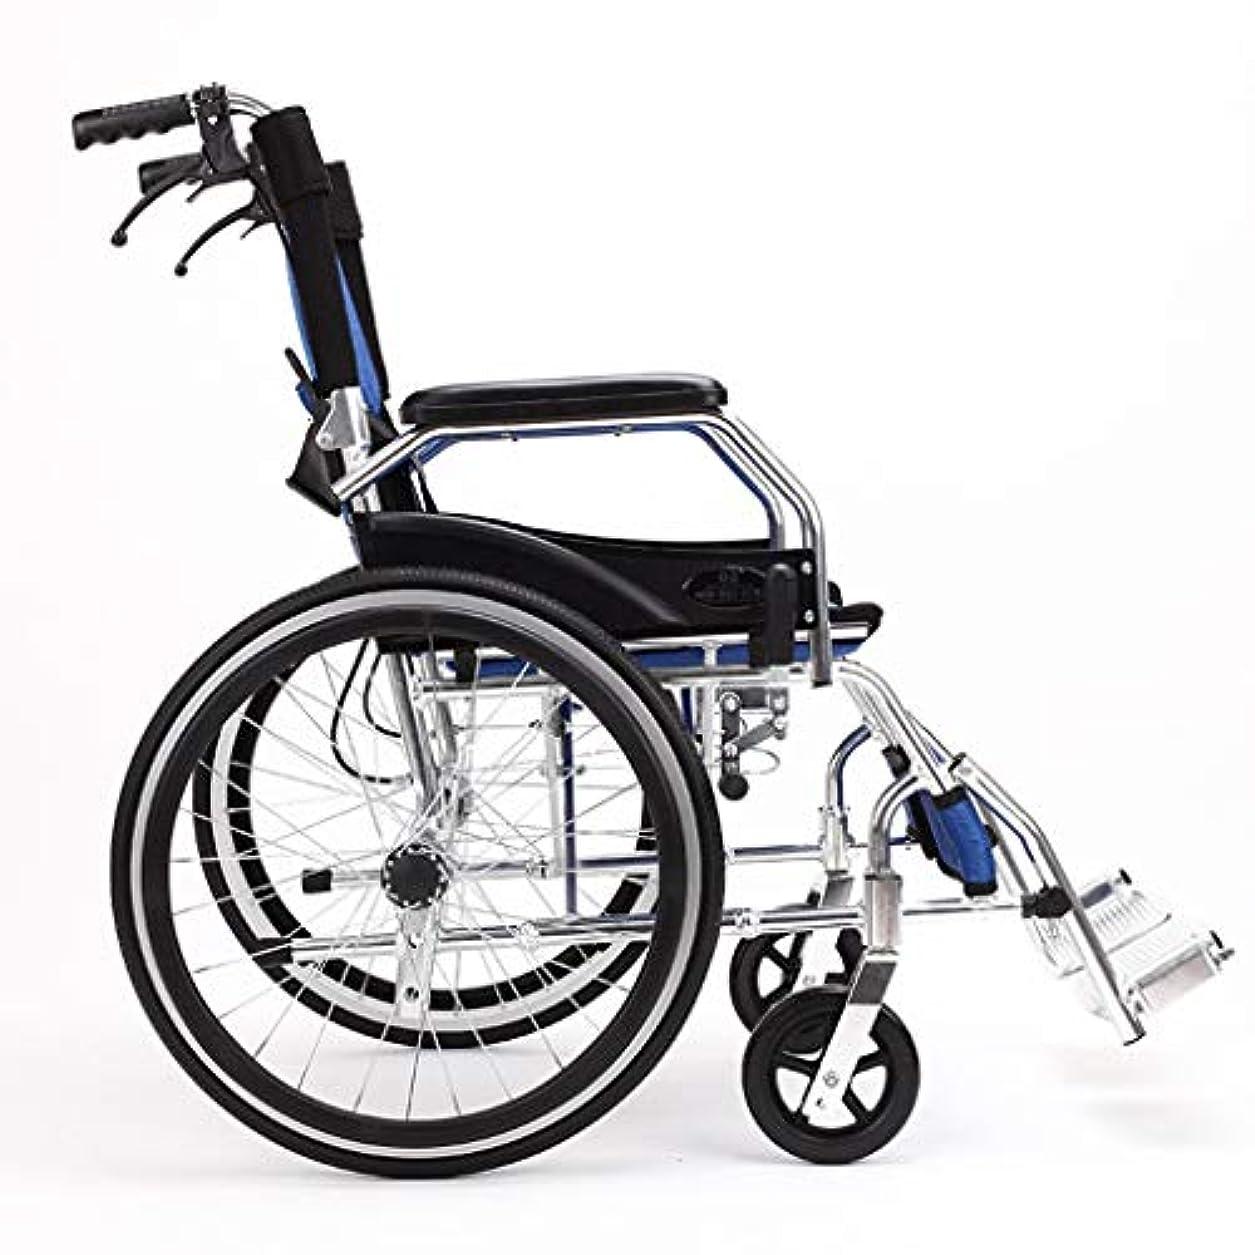 祈る取り戻す規則性折りたたみ式車椅子超軽量ポータブル、20インチPUタイヤ、高齢者障害者手押し車椅子